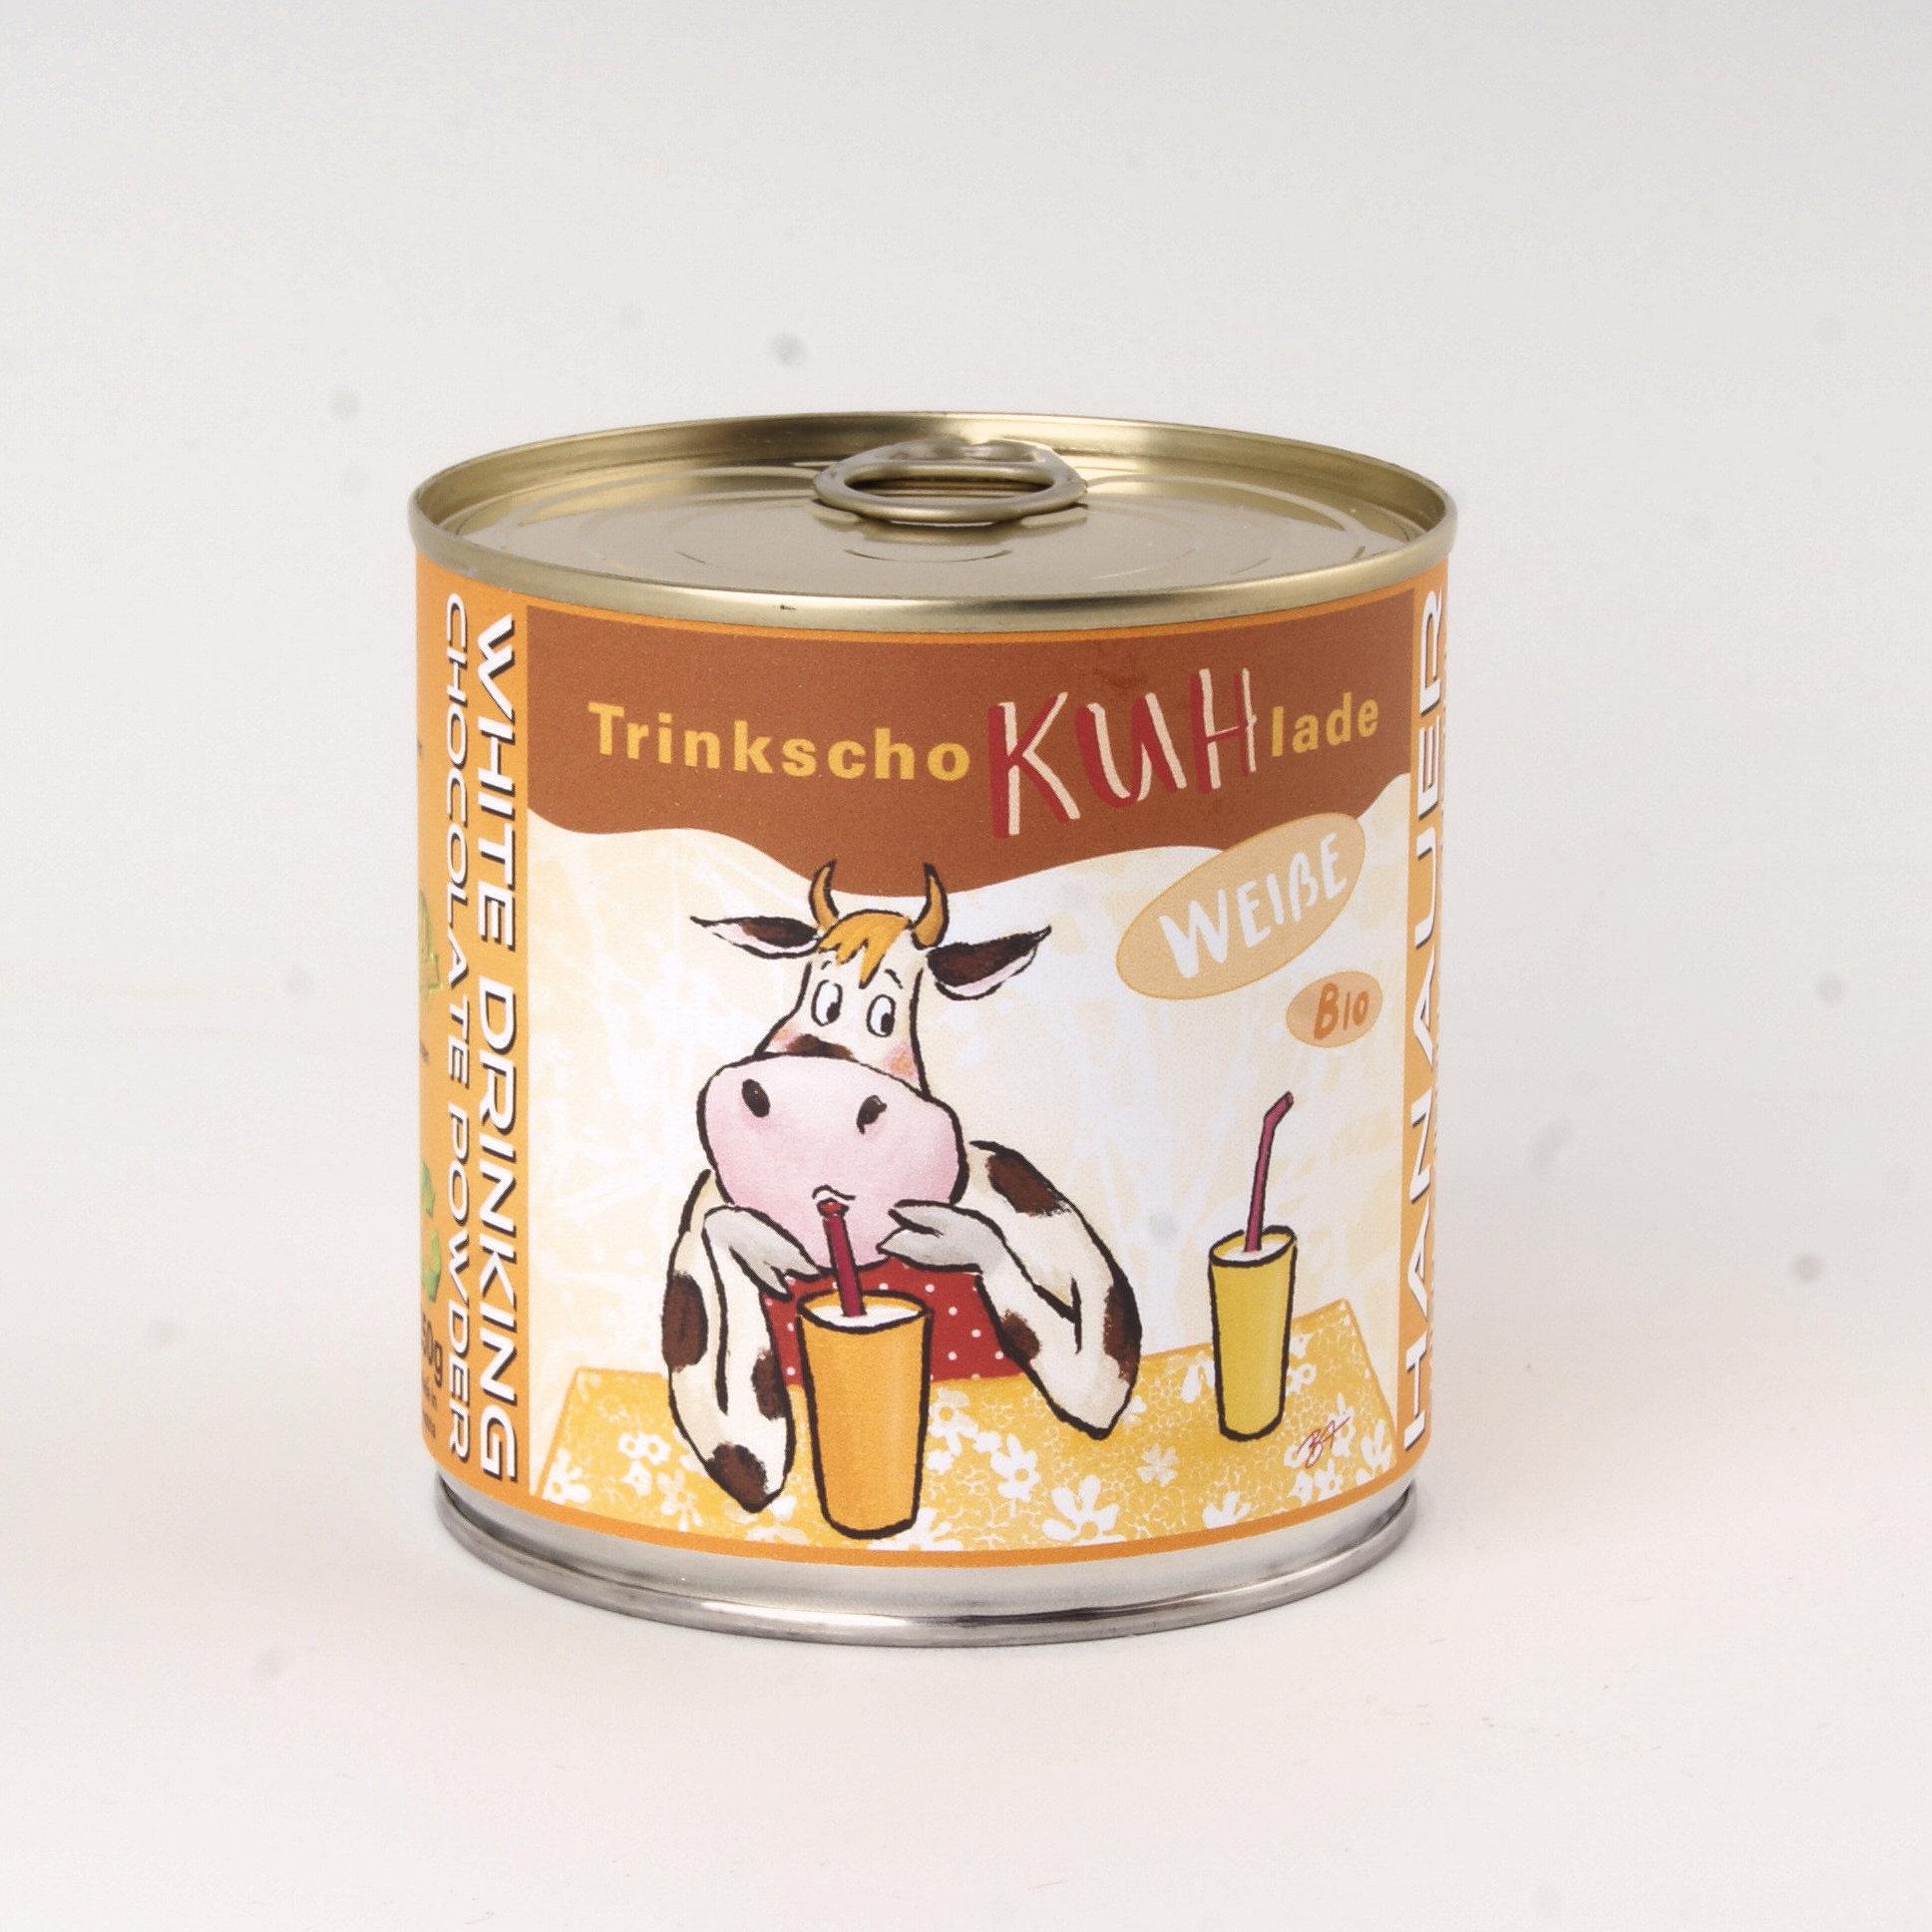 Bio Trink SchoKUHlade Weiss